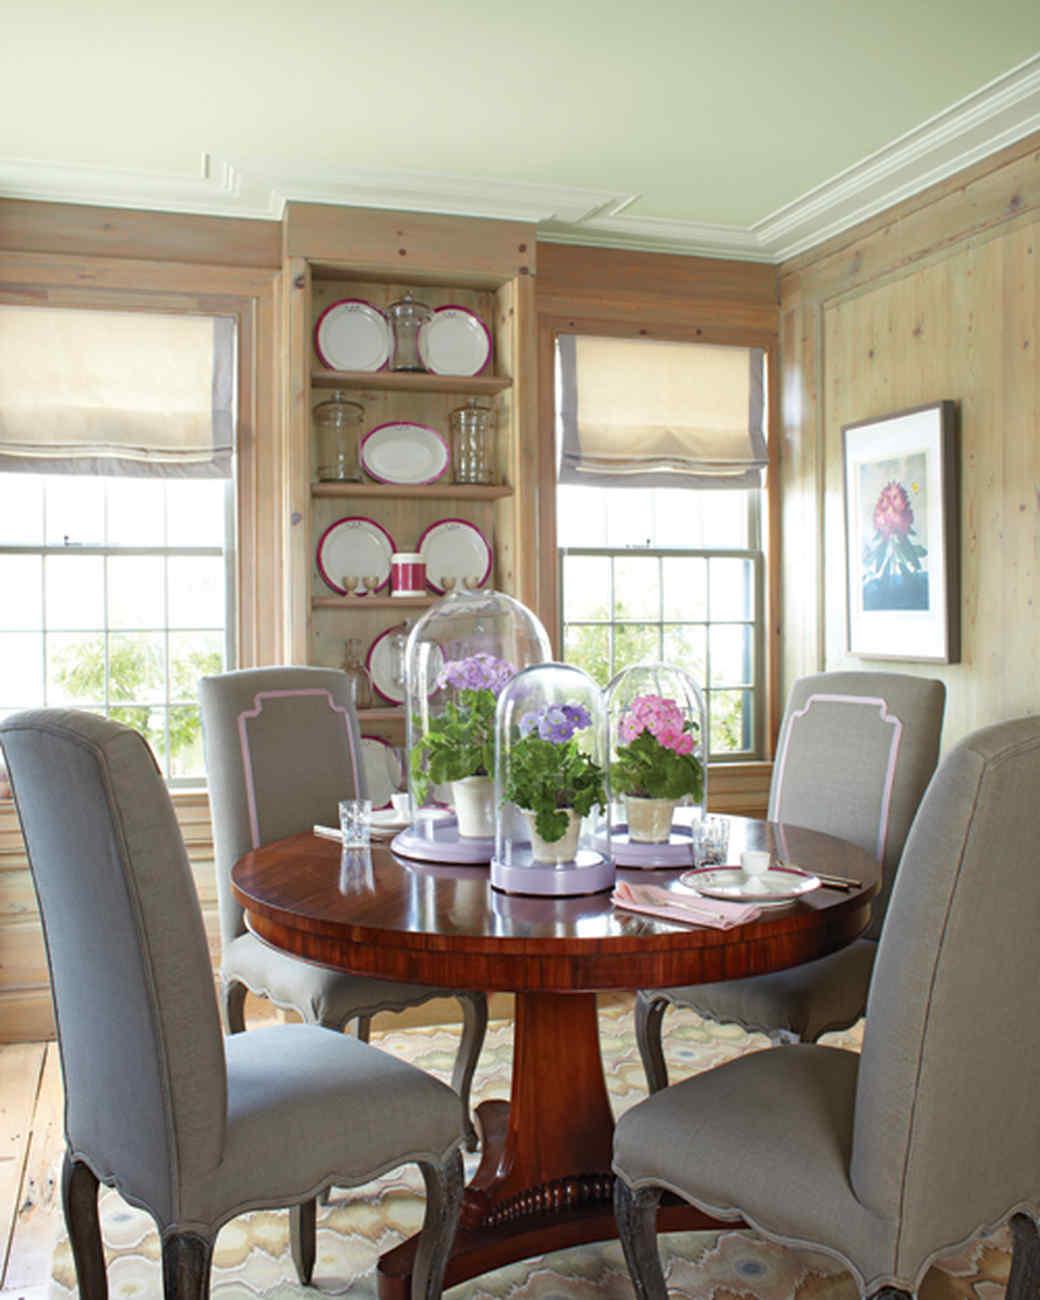 mld105713_0510_diningroom2_0043.jpg